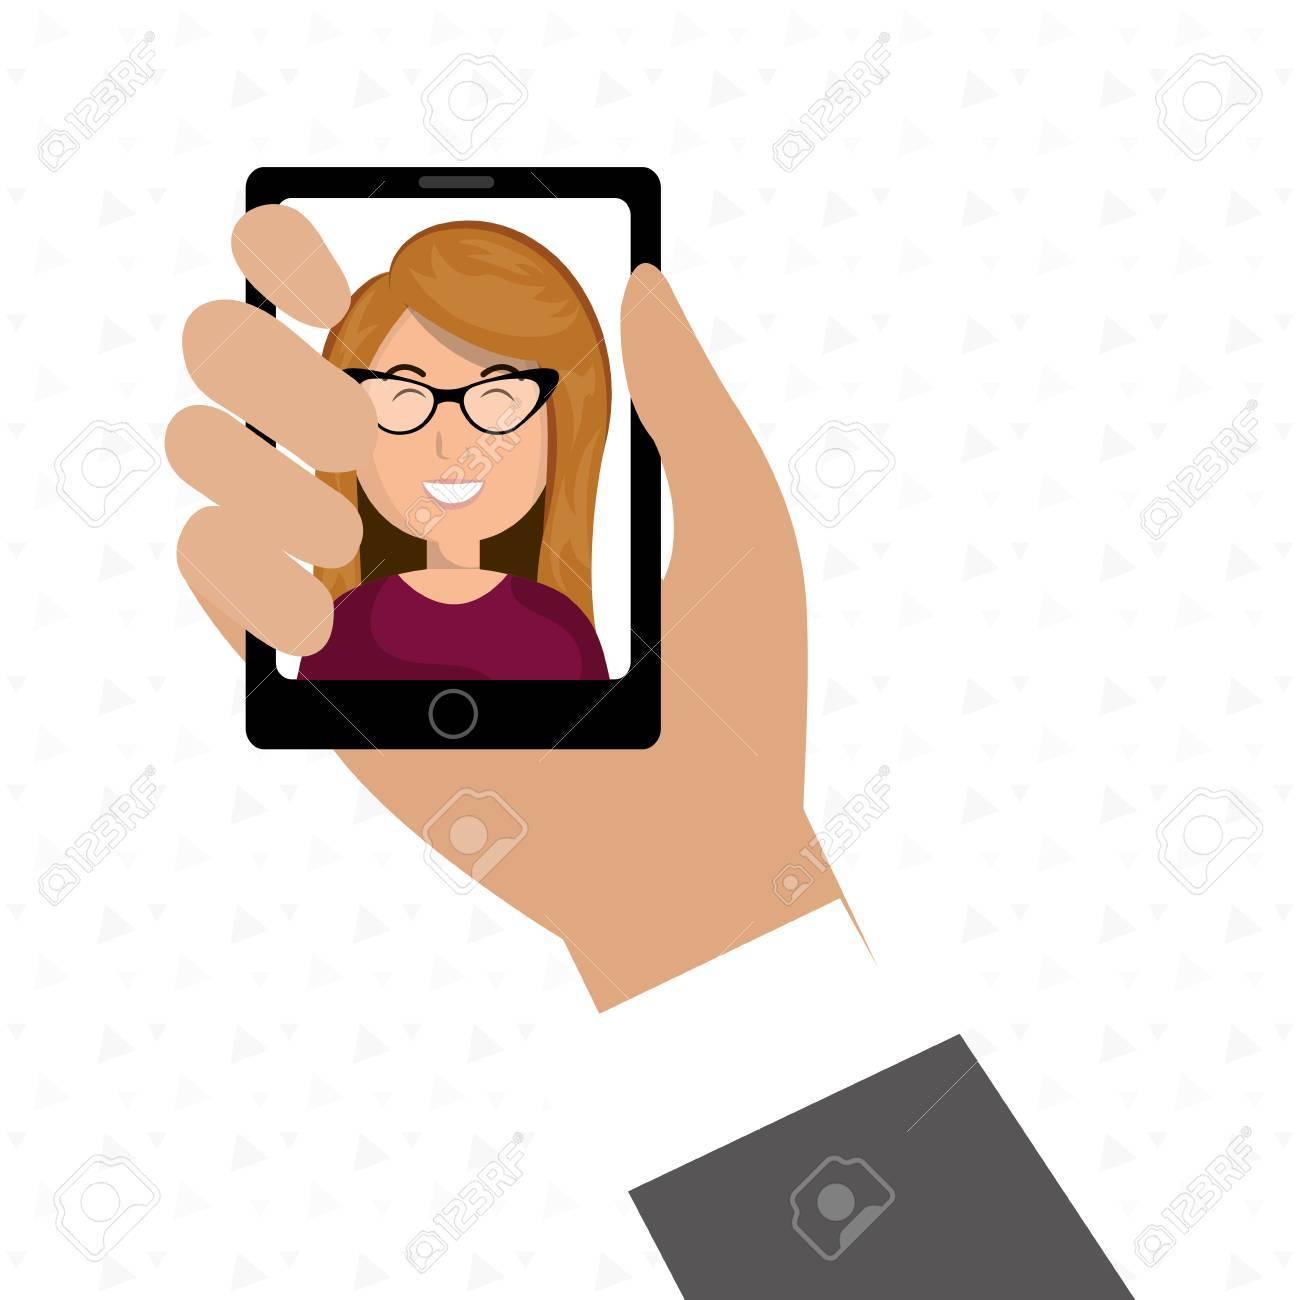 Homme D Affaires De Dessin Anime Main Tenant Un Smartphone Noir Sur Un Fond Blanc Avec Une Femme D Affaires De Bande Dessinee Dans Le Vecteur D Ecran